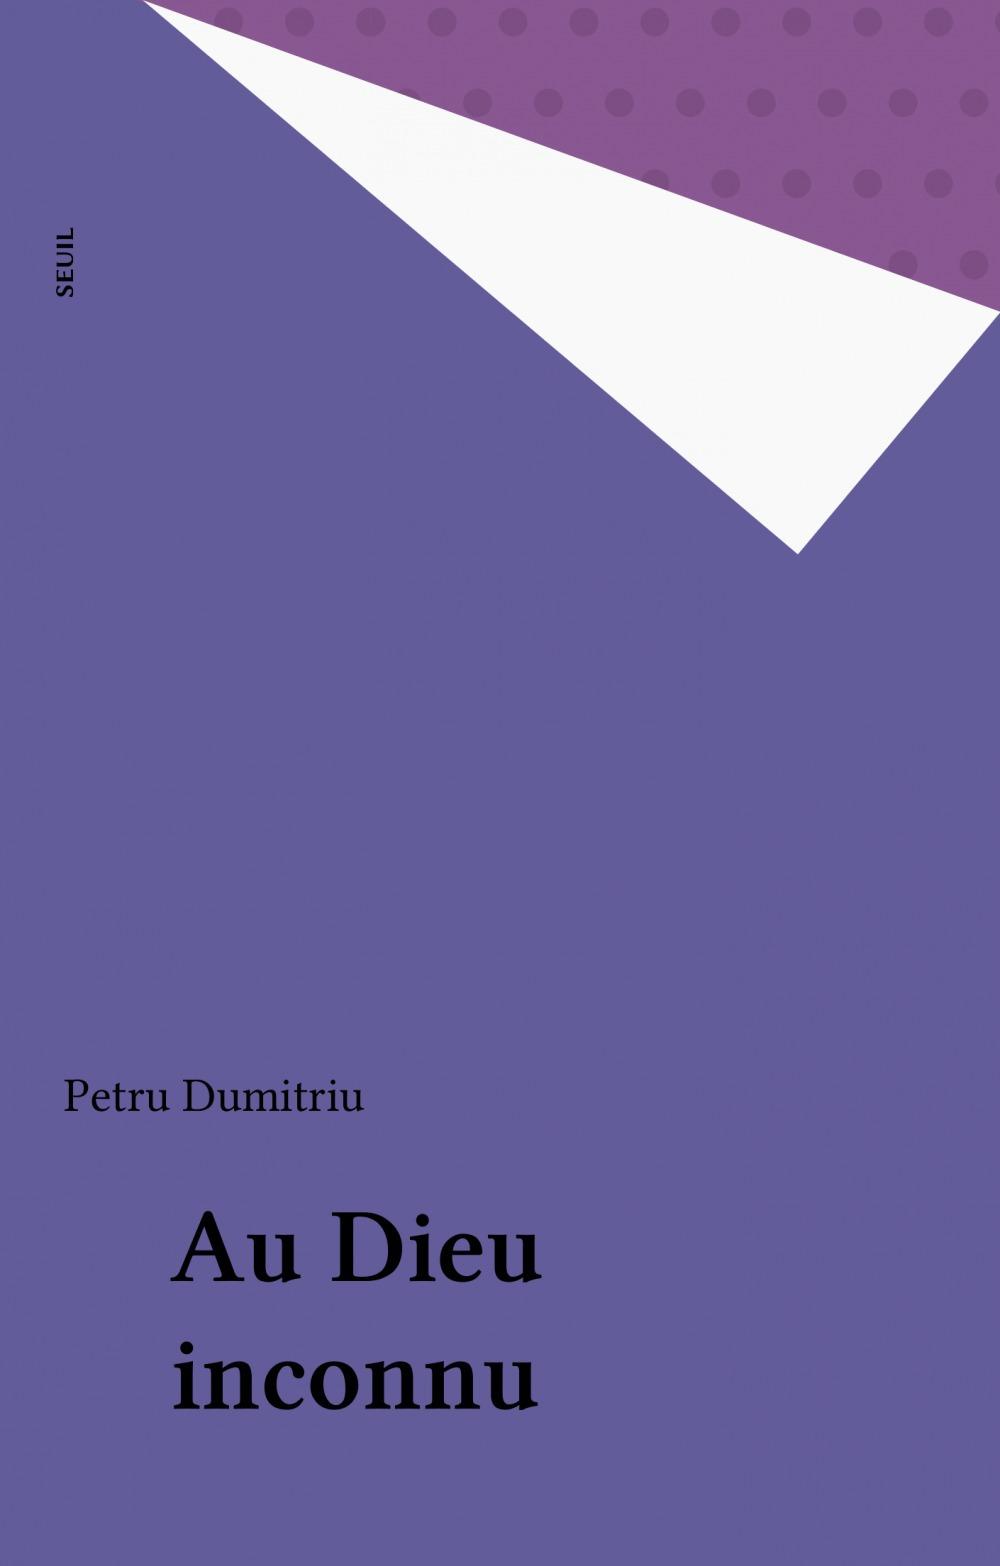 Au dieu inconnu  - Petru Dumitriu